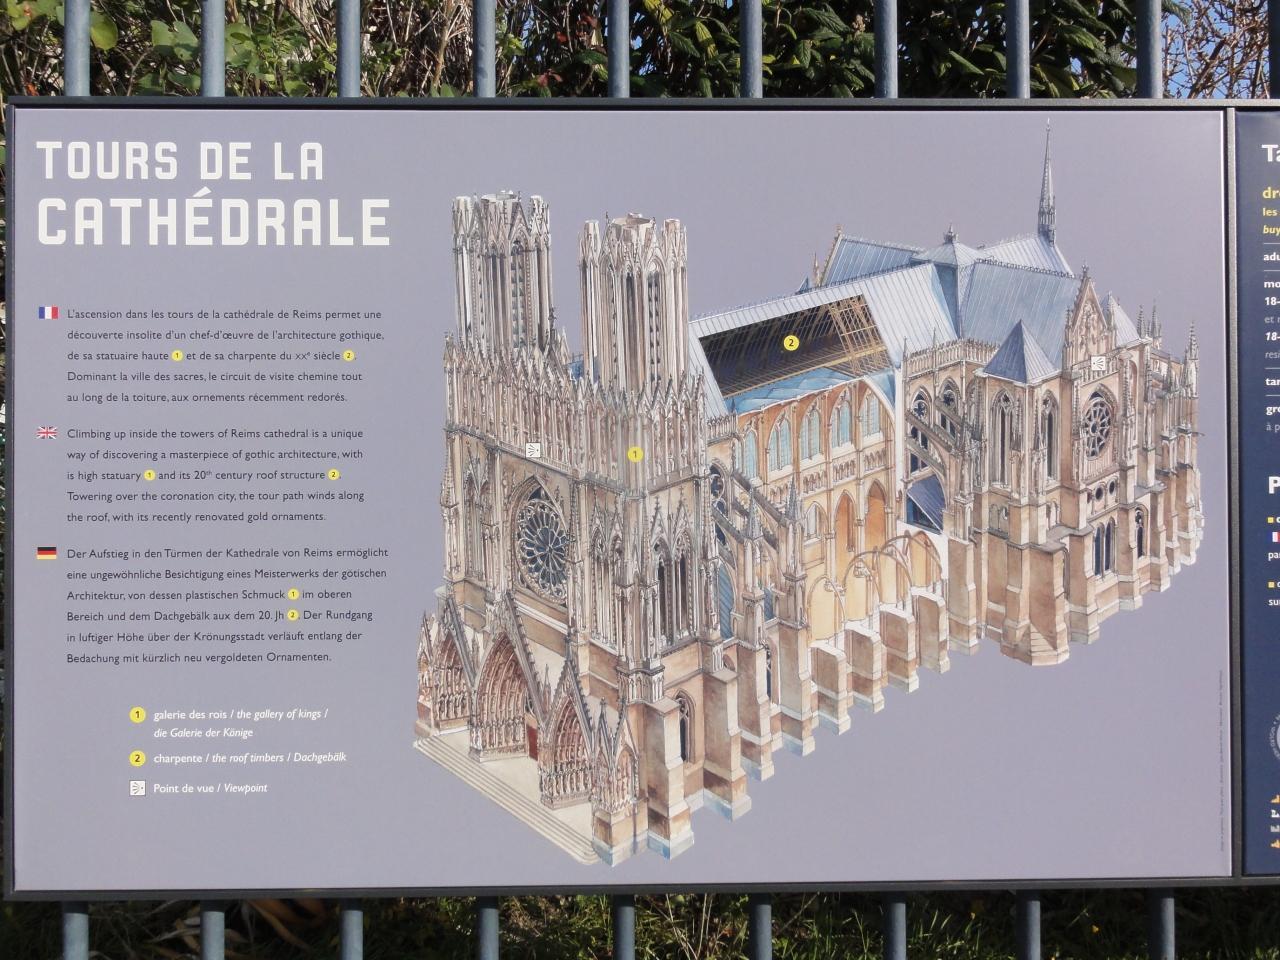 ノートルダム大聖堂 (ランス)の画像 p1_30